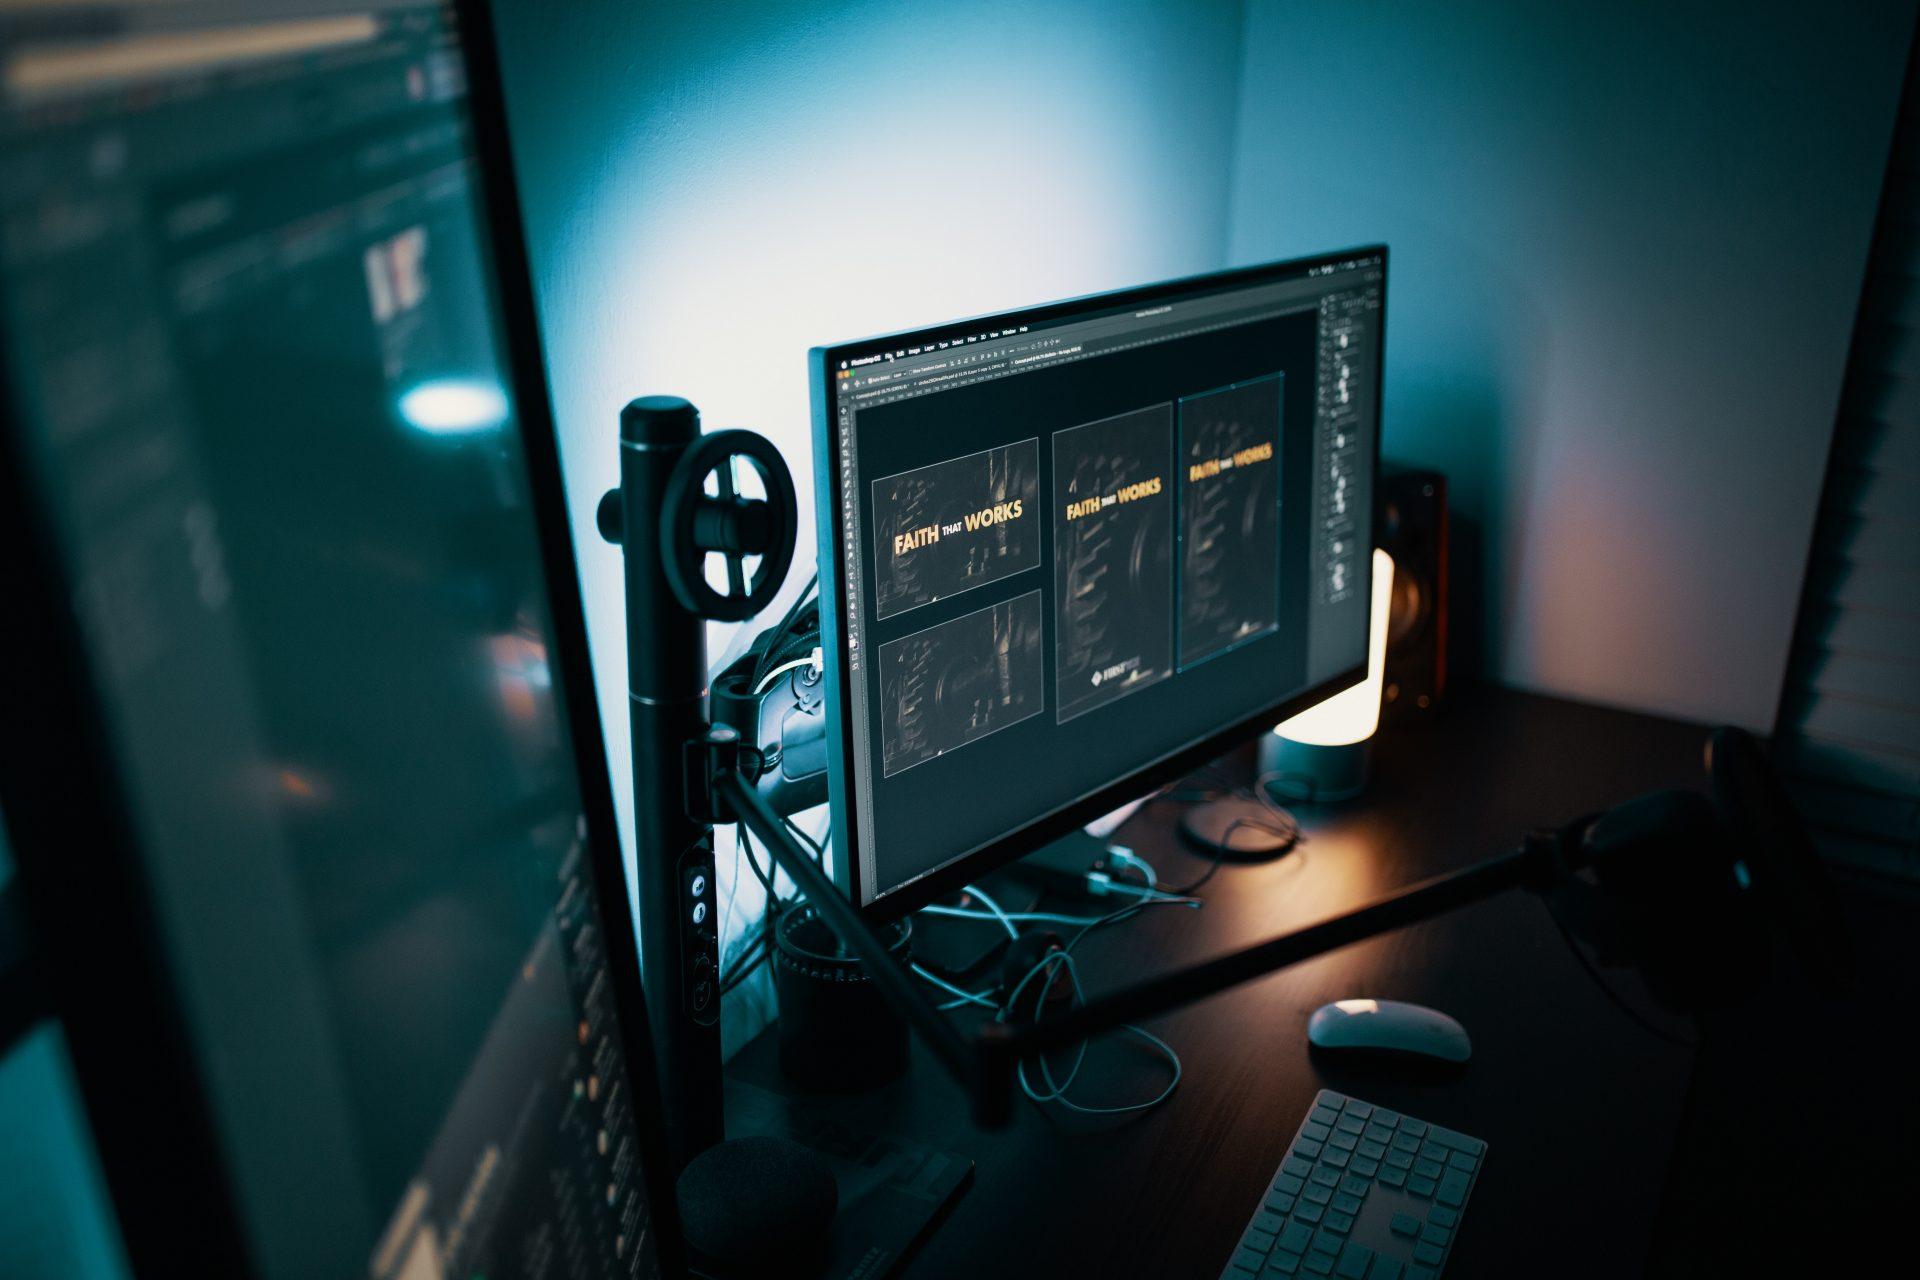 Paslaugos_Kompiuterinė diagnostika, elektros instaliacijos remontas, online programavimas, profesionalus auto-eelektrikas